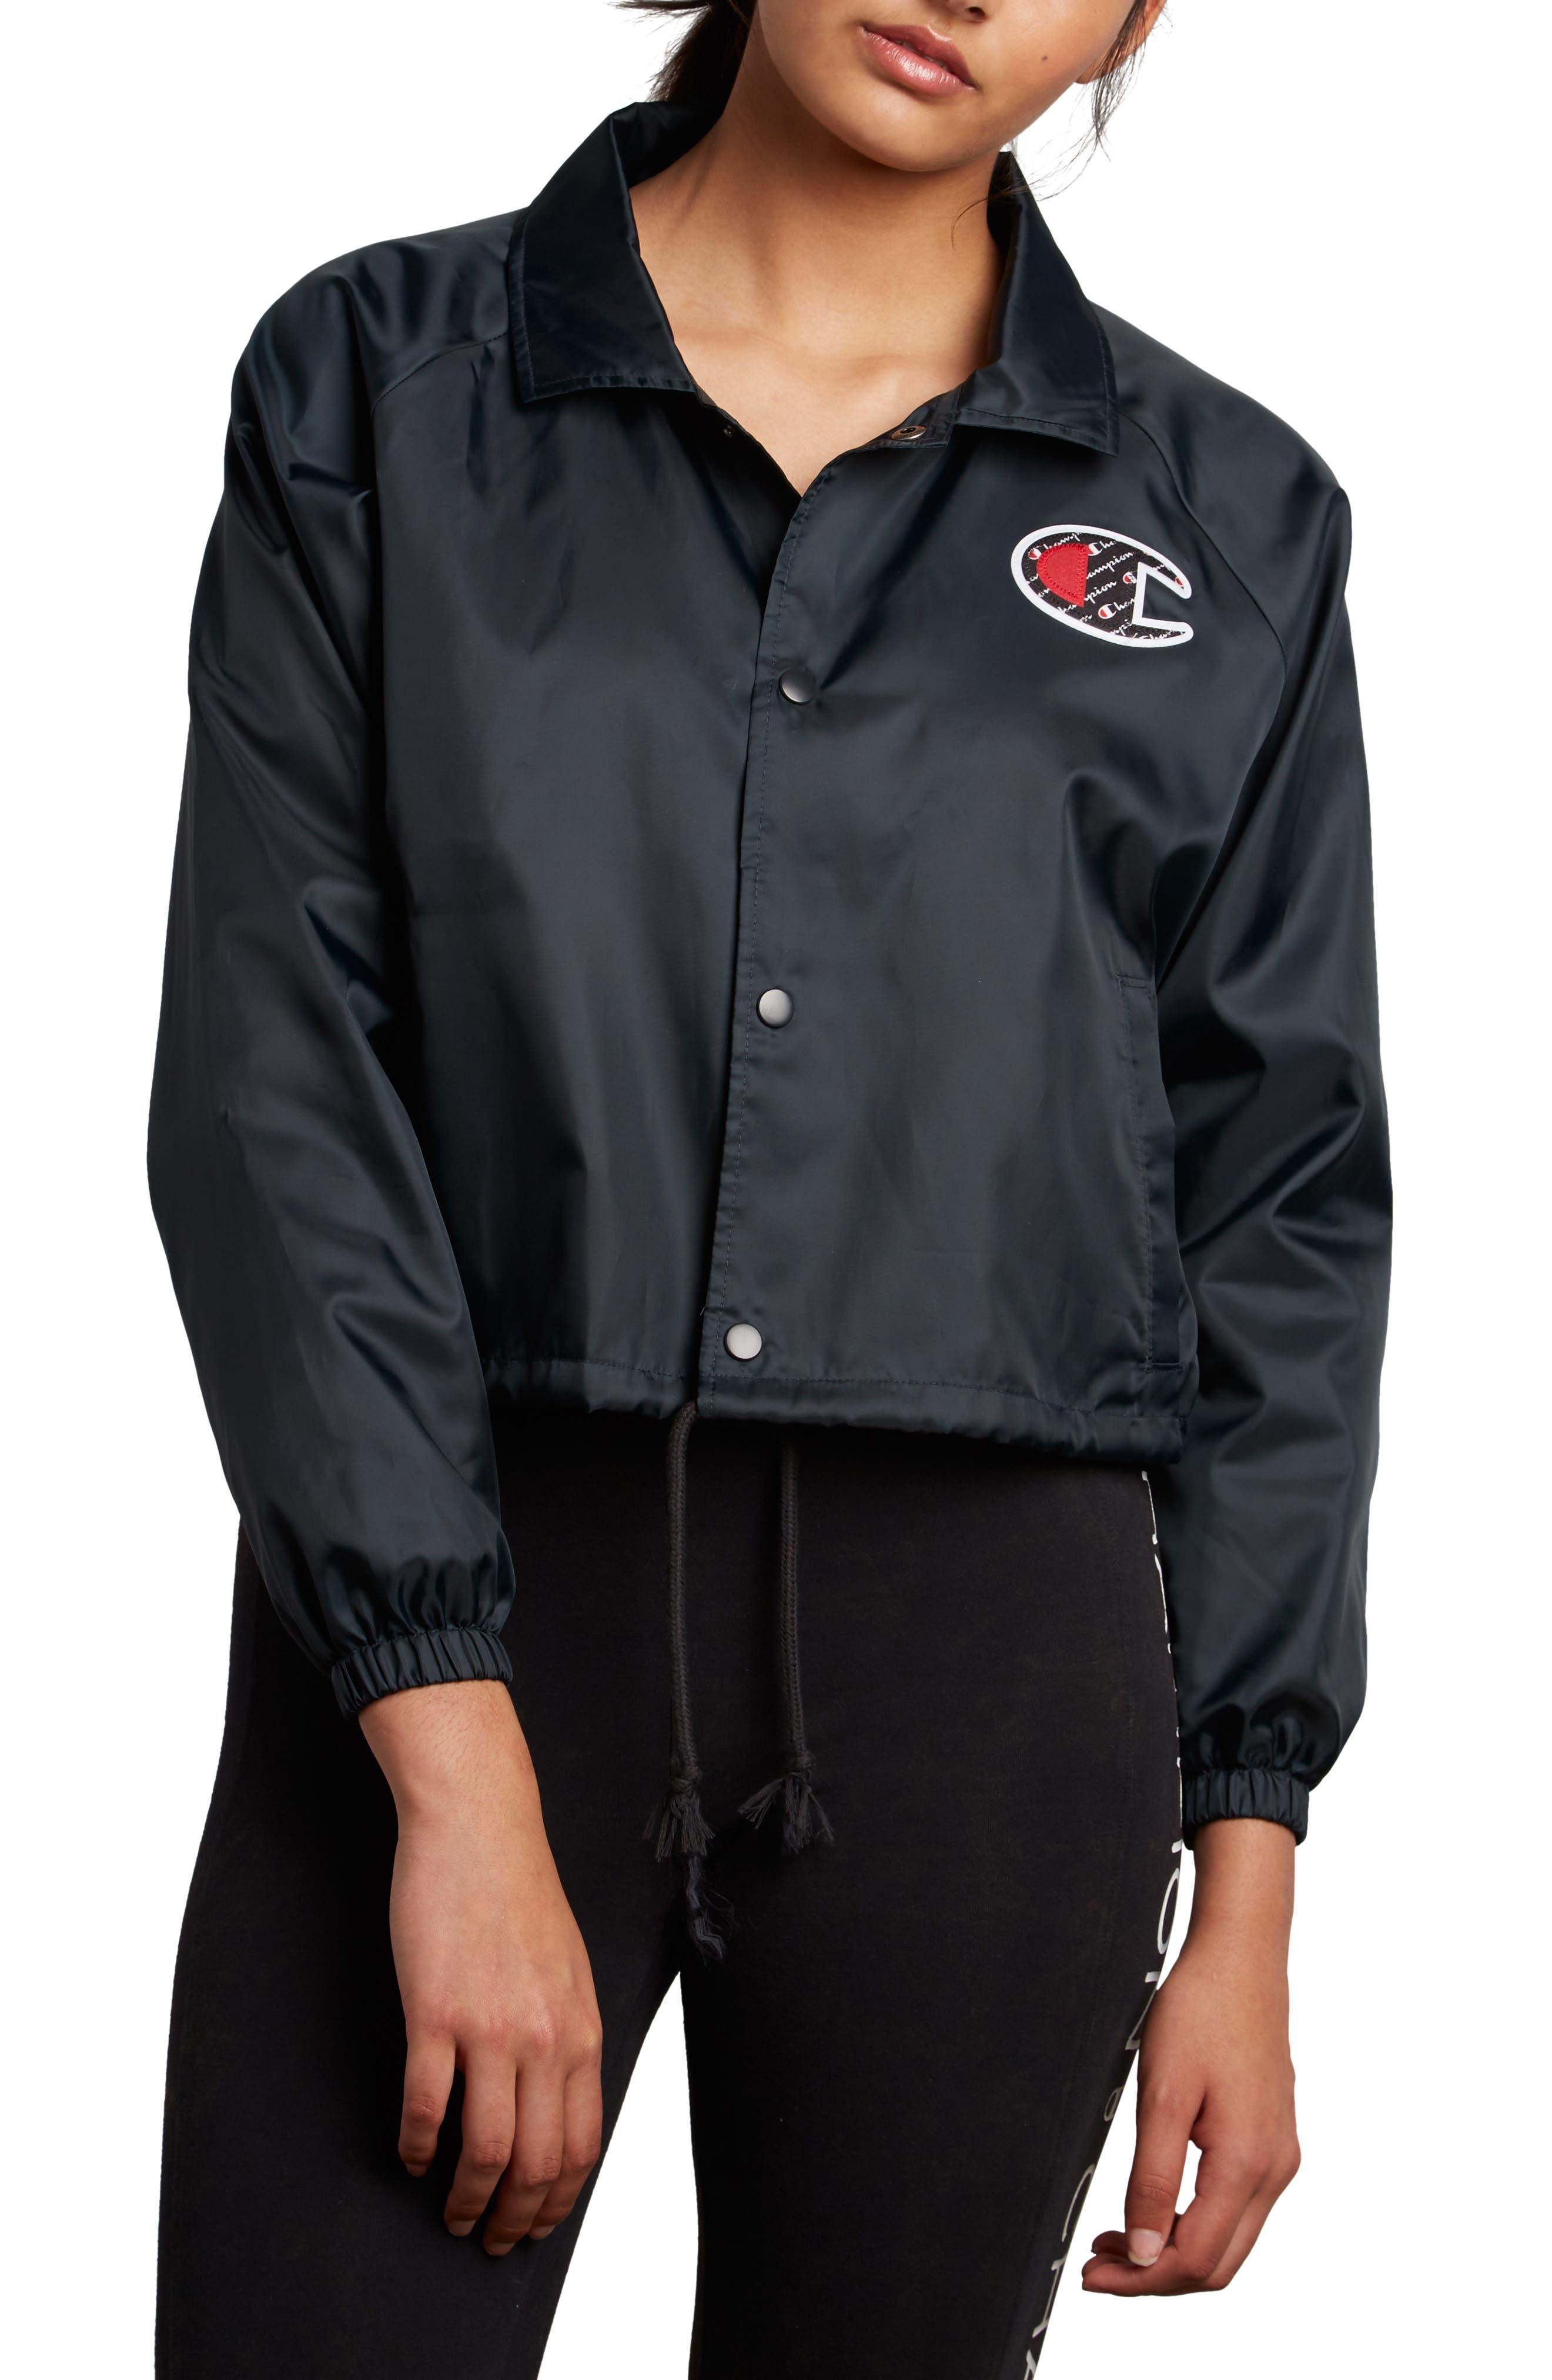 Coaches Crop Jacket,                         Main,                         color, 001